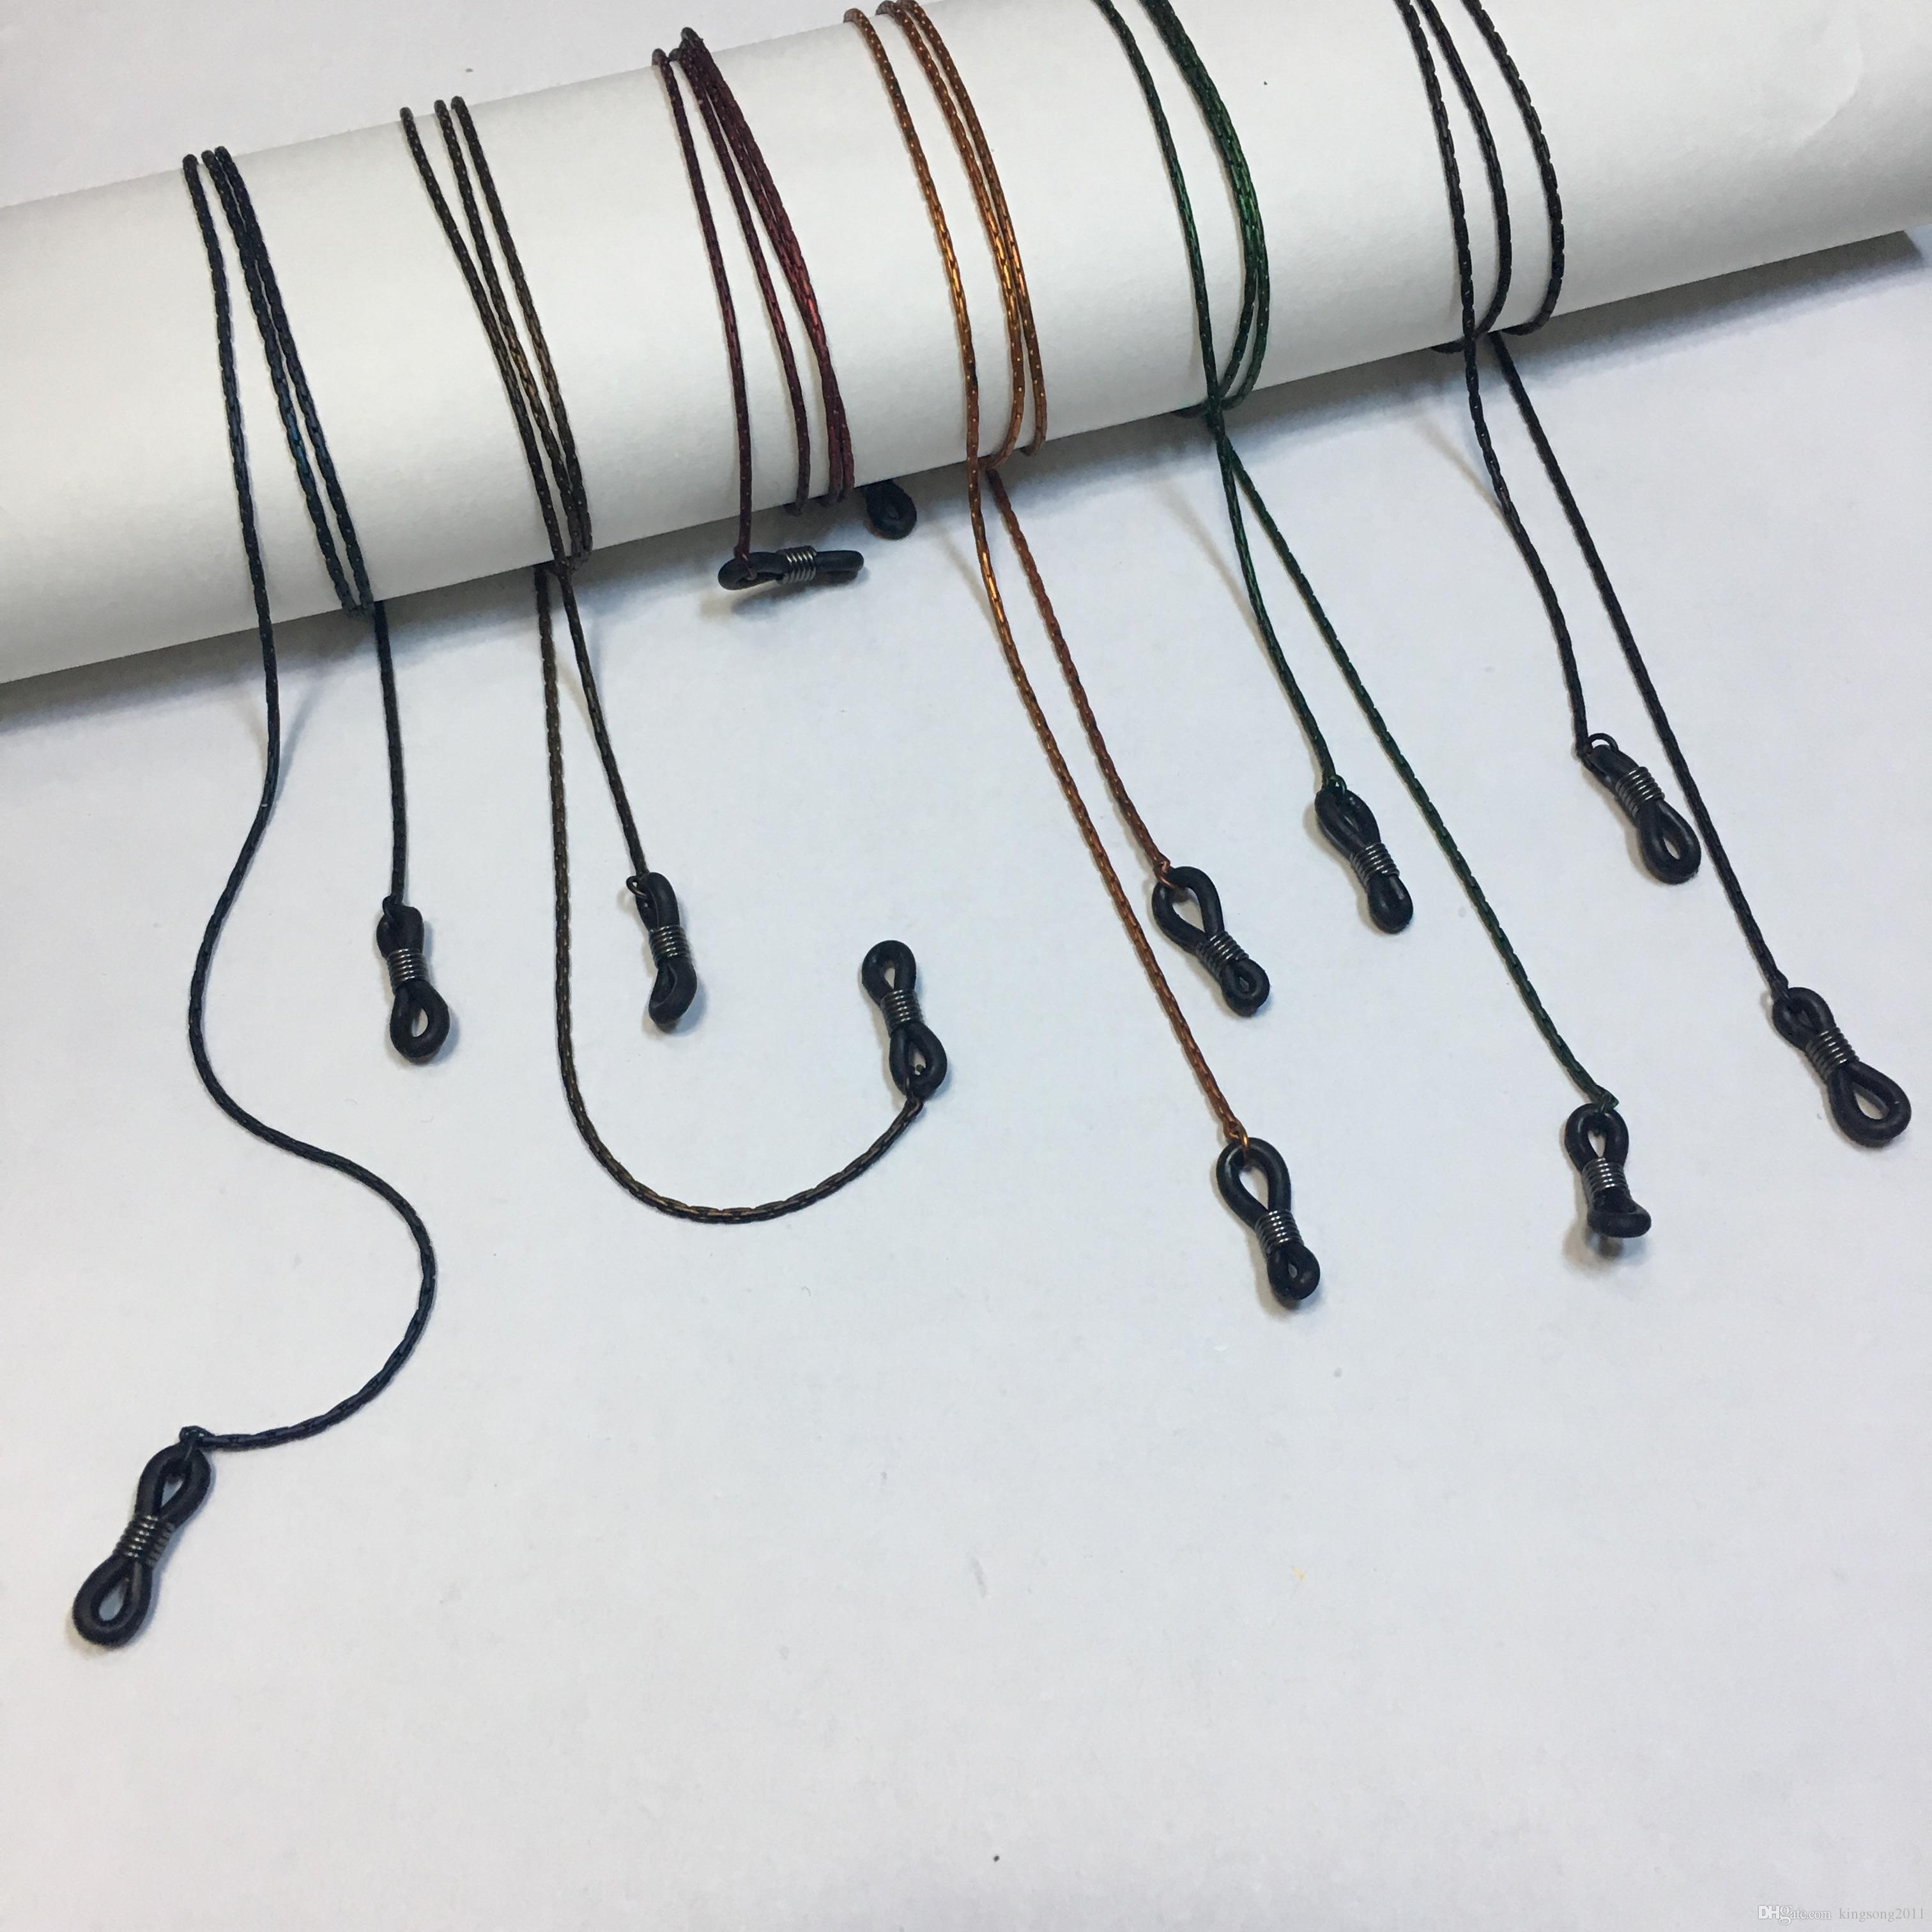 6 assorted sólido colorido óculos de sol de bronze corrente de metal titular retentor de óculos espetáculo de corda com toque de borracha